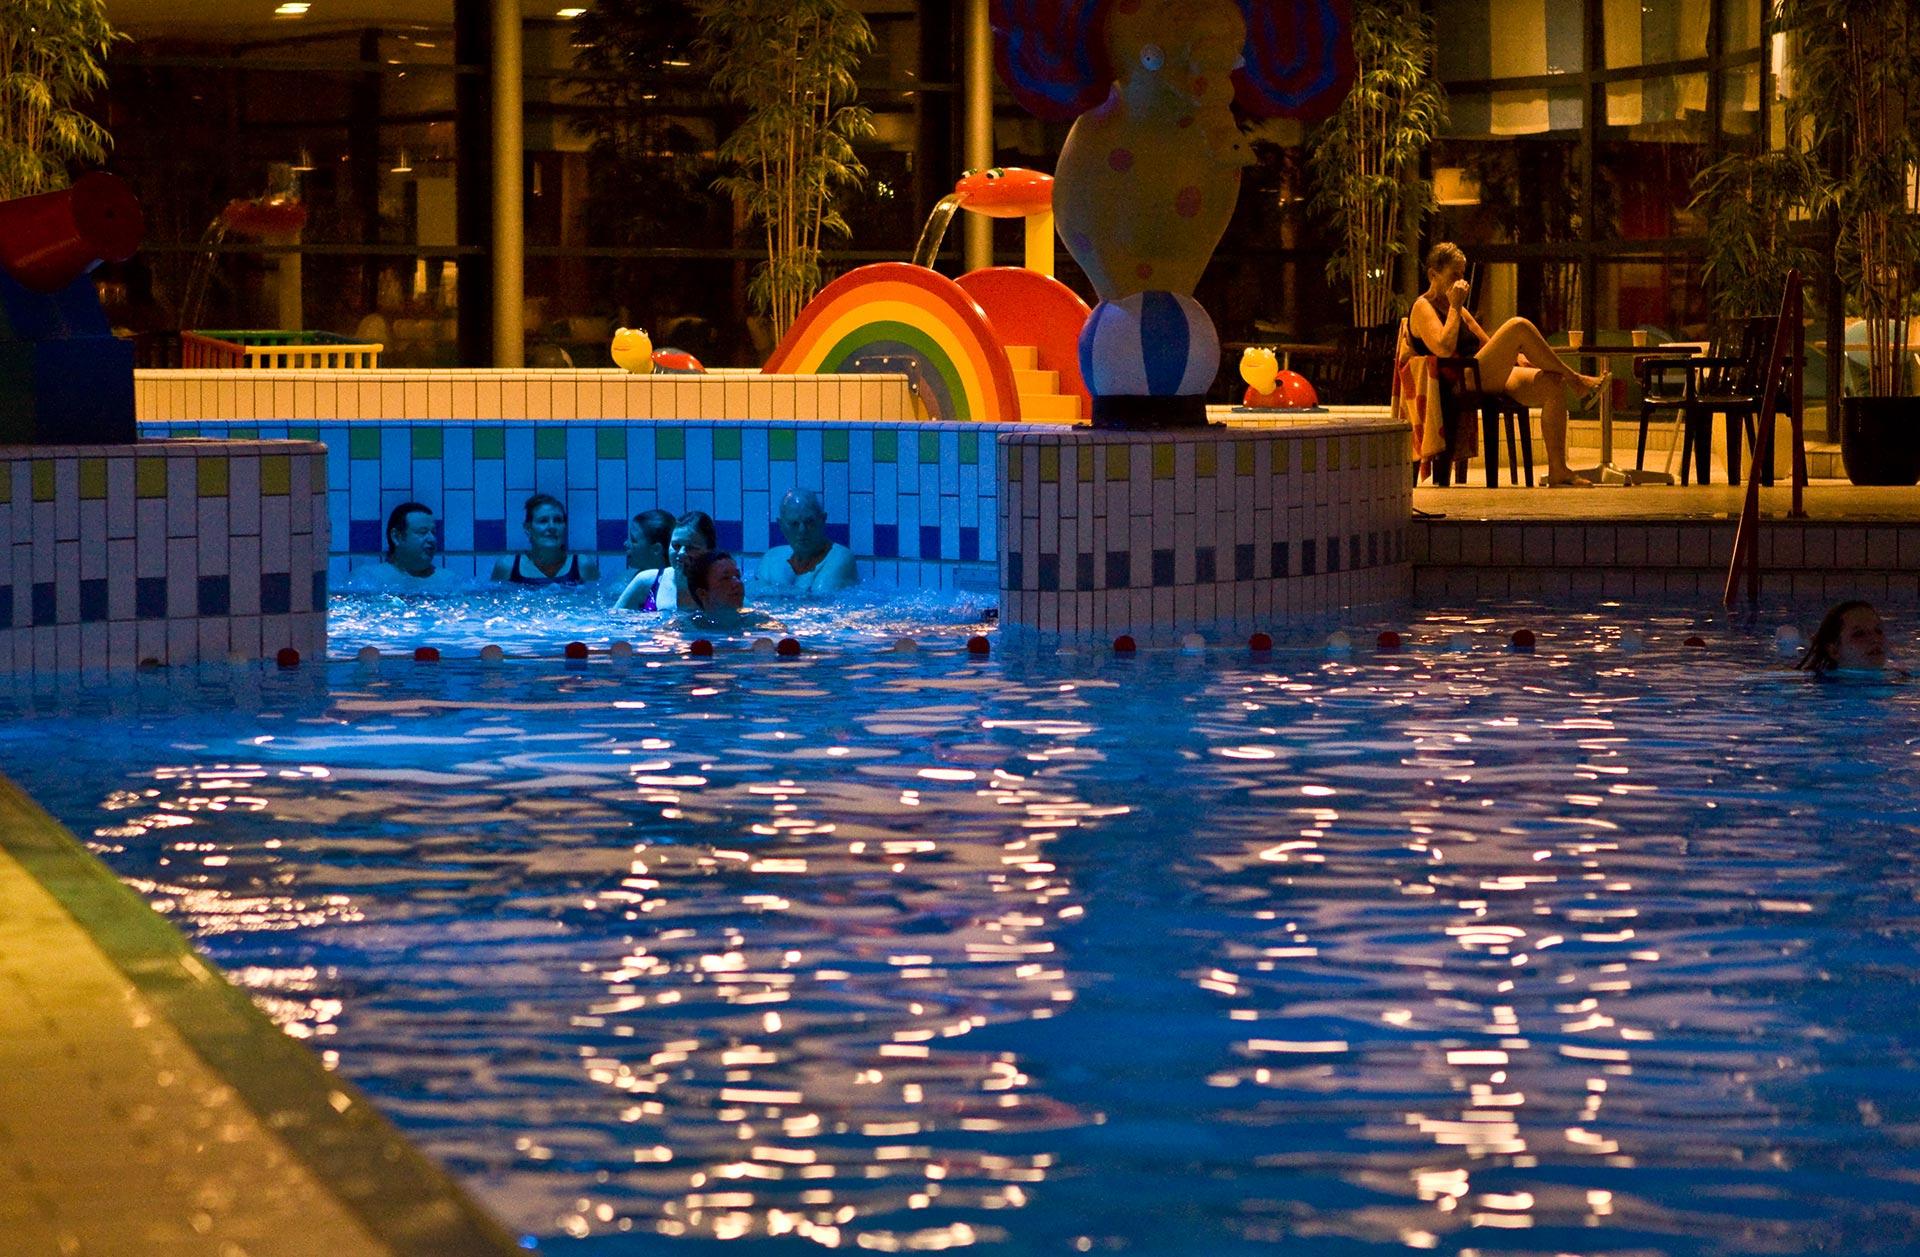 Zwembad Dolfijn Hoogeveen.Zwembad De Dolfijn Gemeente Hoogeveen